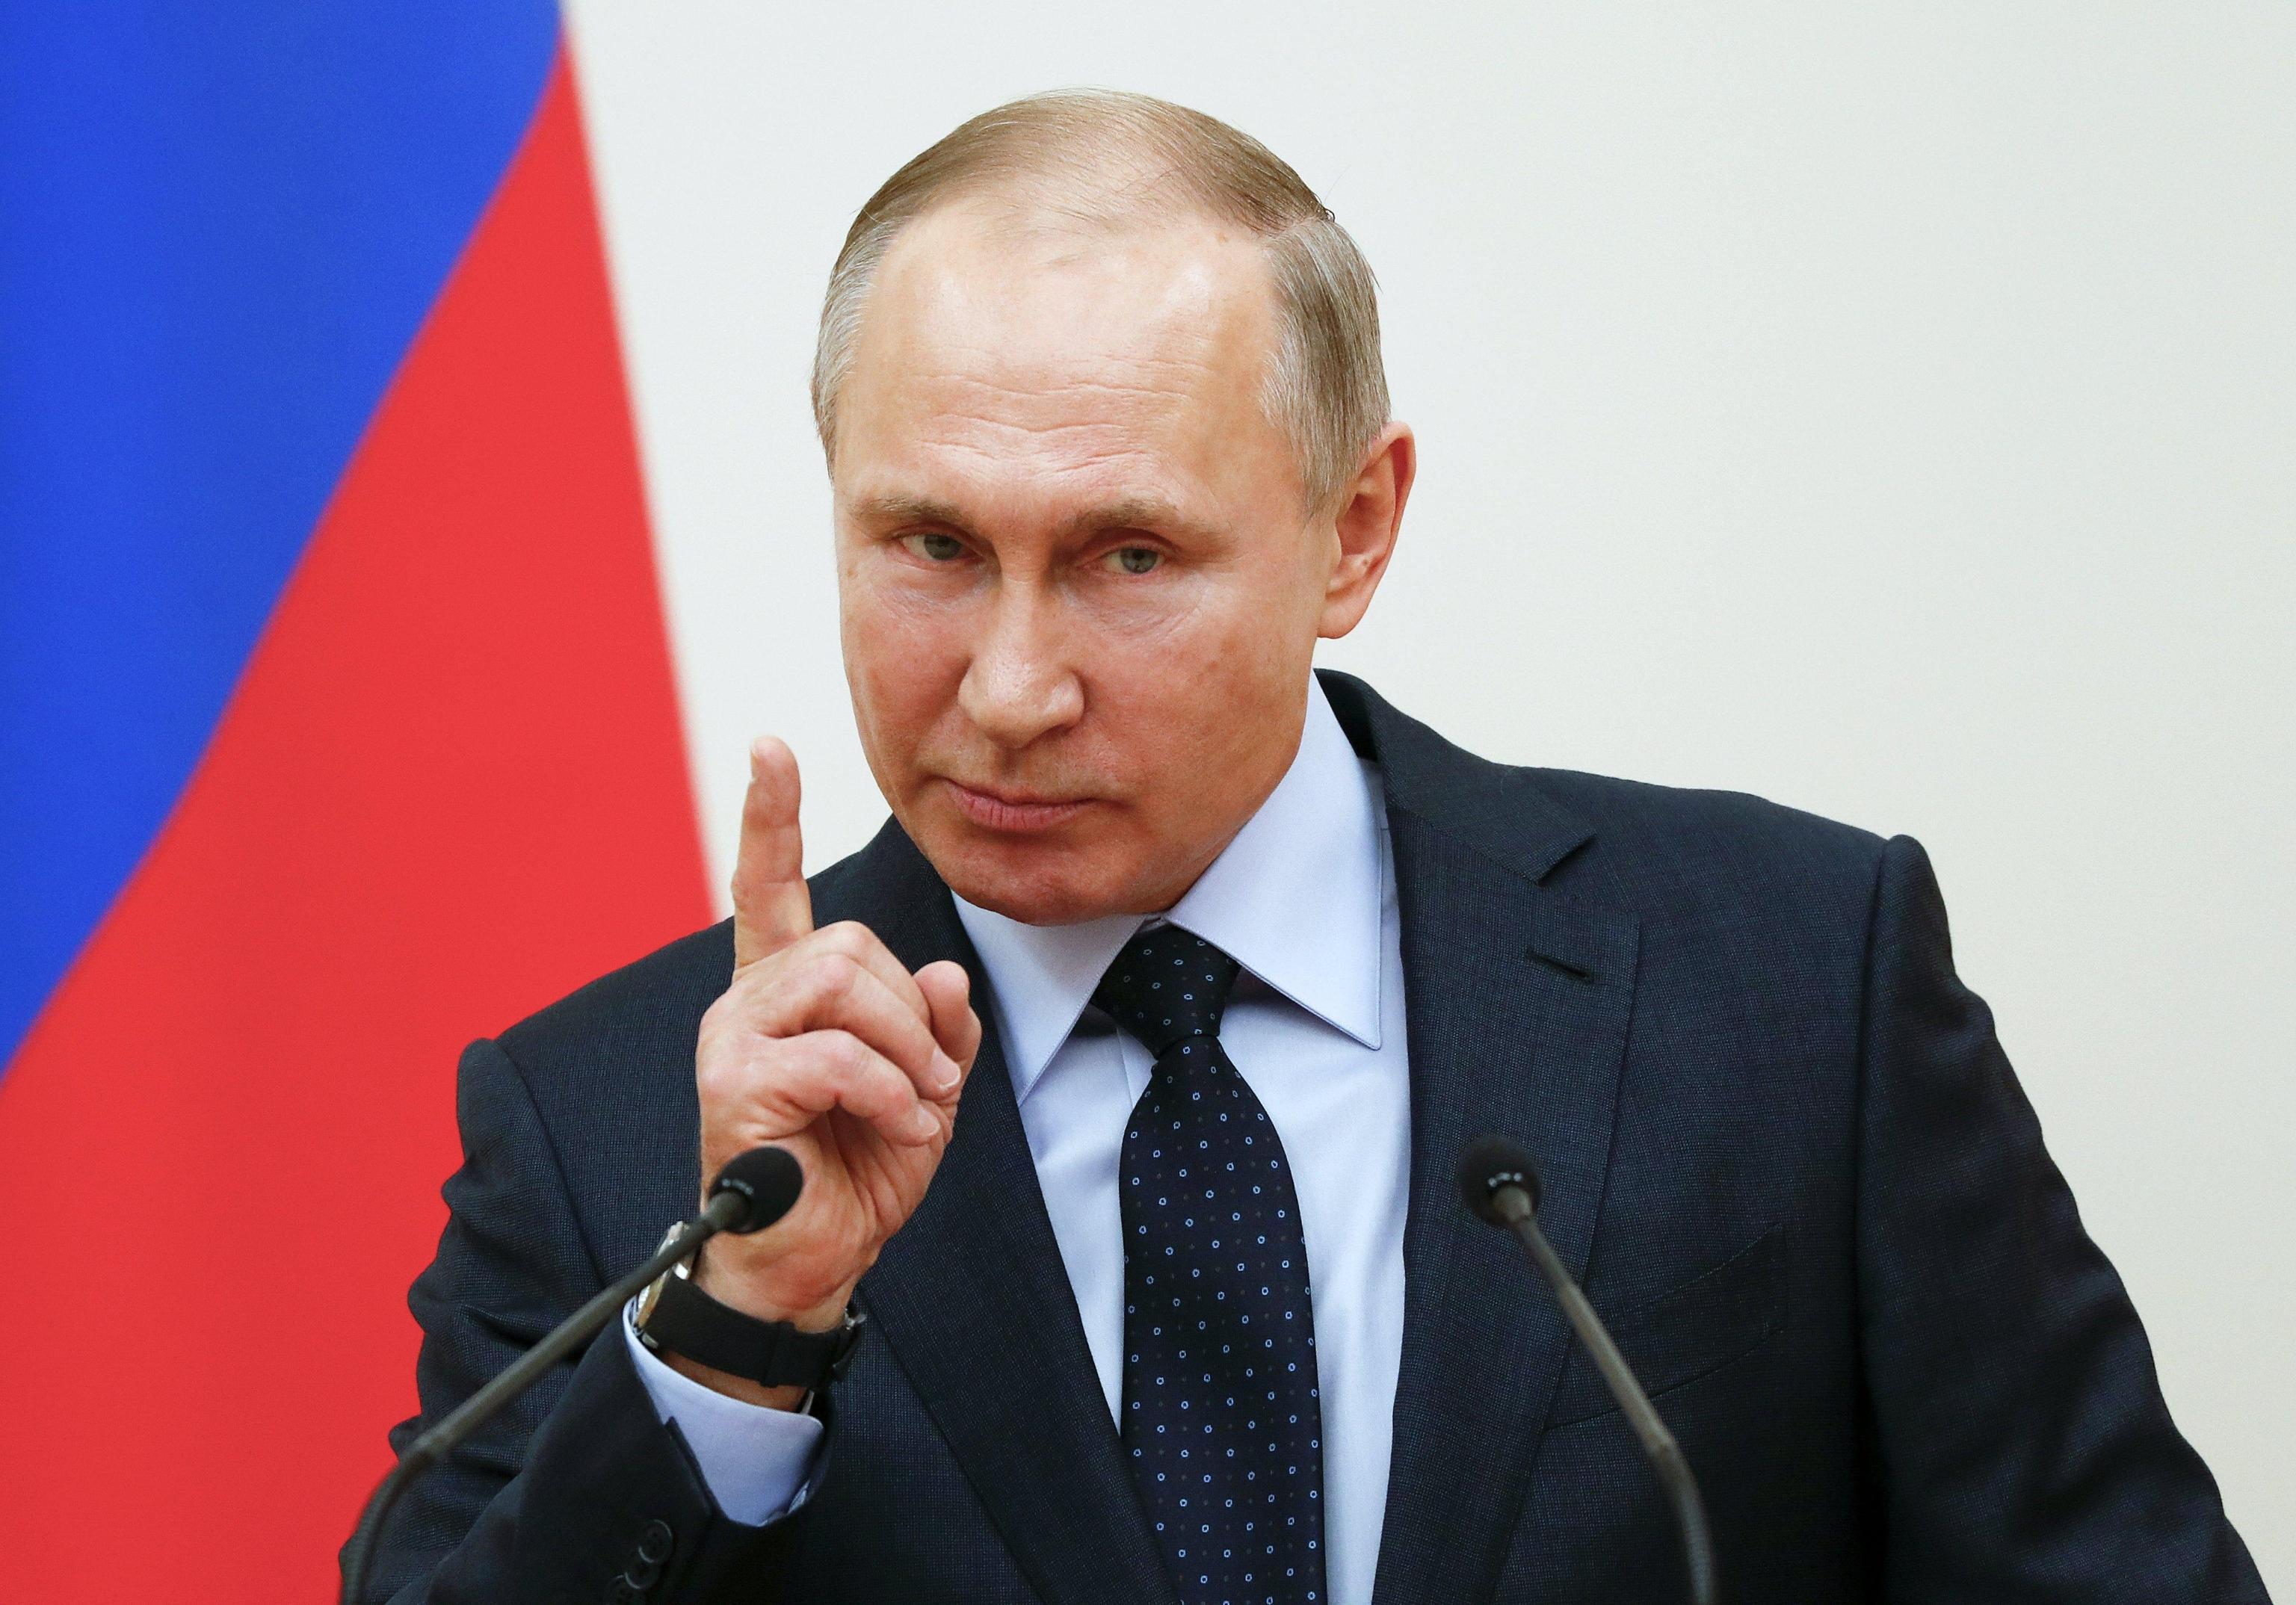 """"""" ალექსანდრე ლუკაშენკოს თხოვნით რუსეთმა სამართალდამცავების რეზერვი ჩამოაყალიბა"""""""